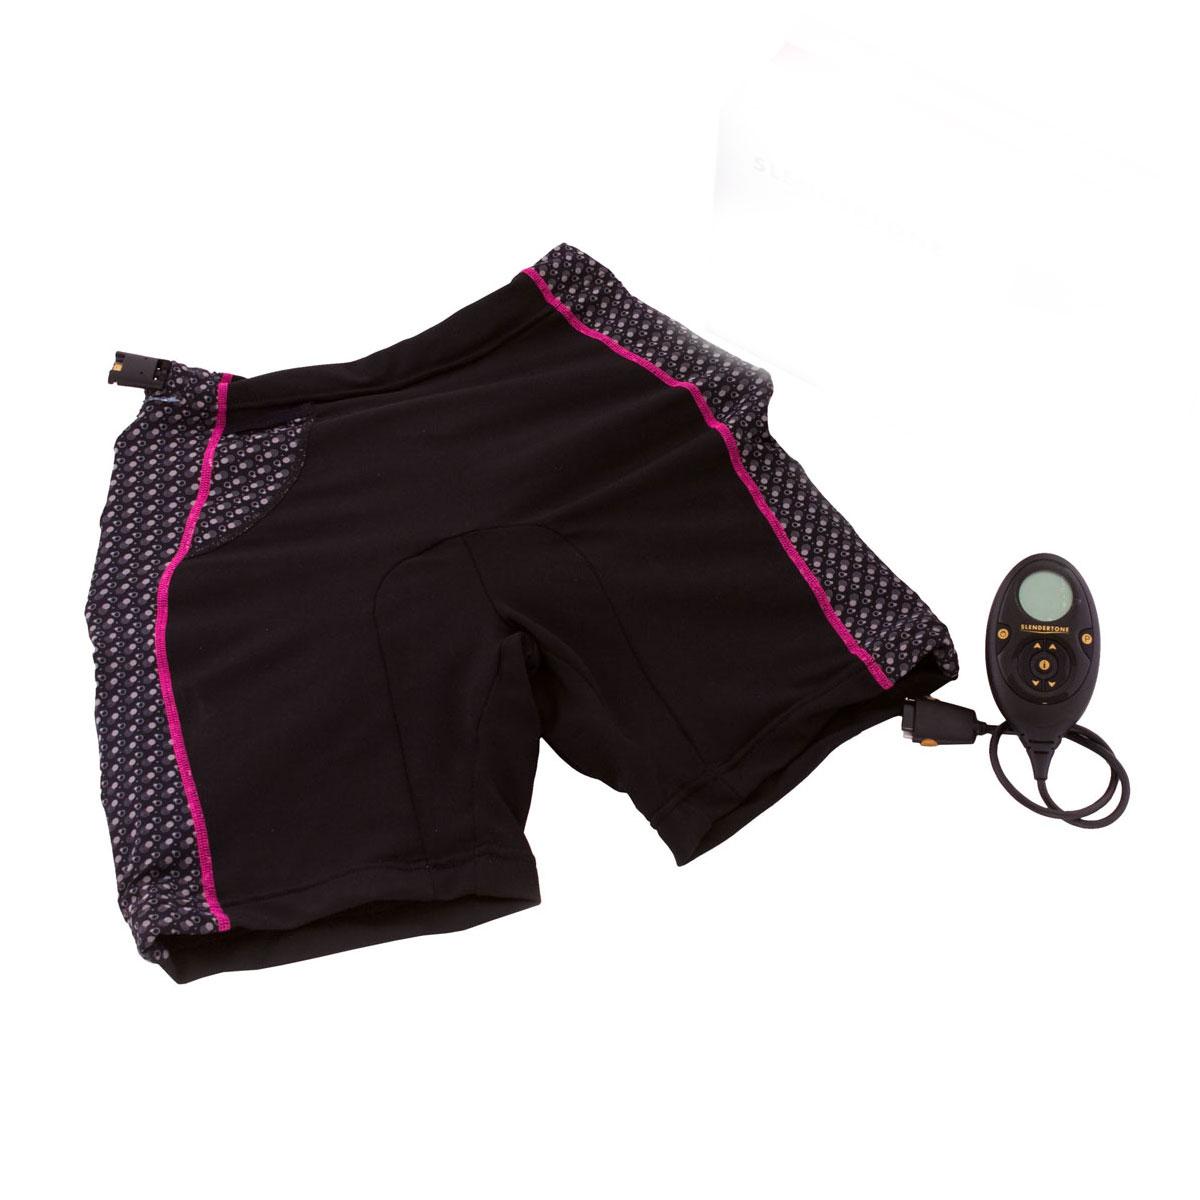 Slendertone Миостимулятор-шорты для тренировки мышц ягодиц и бедер Bottom S7